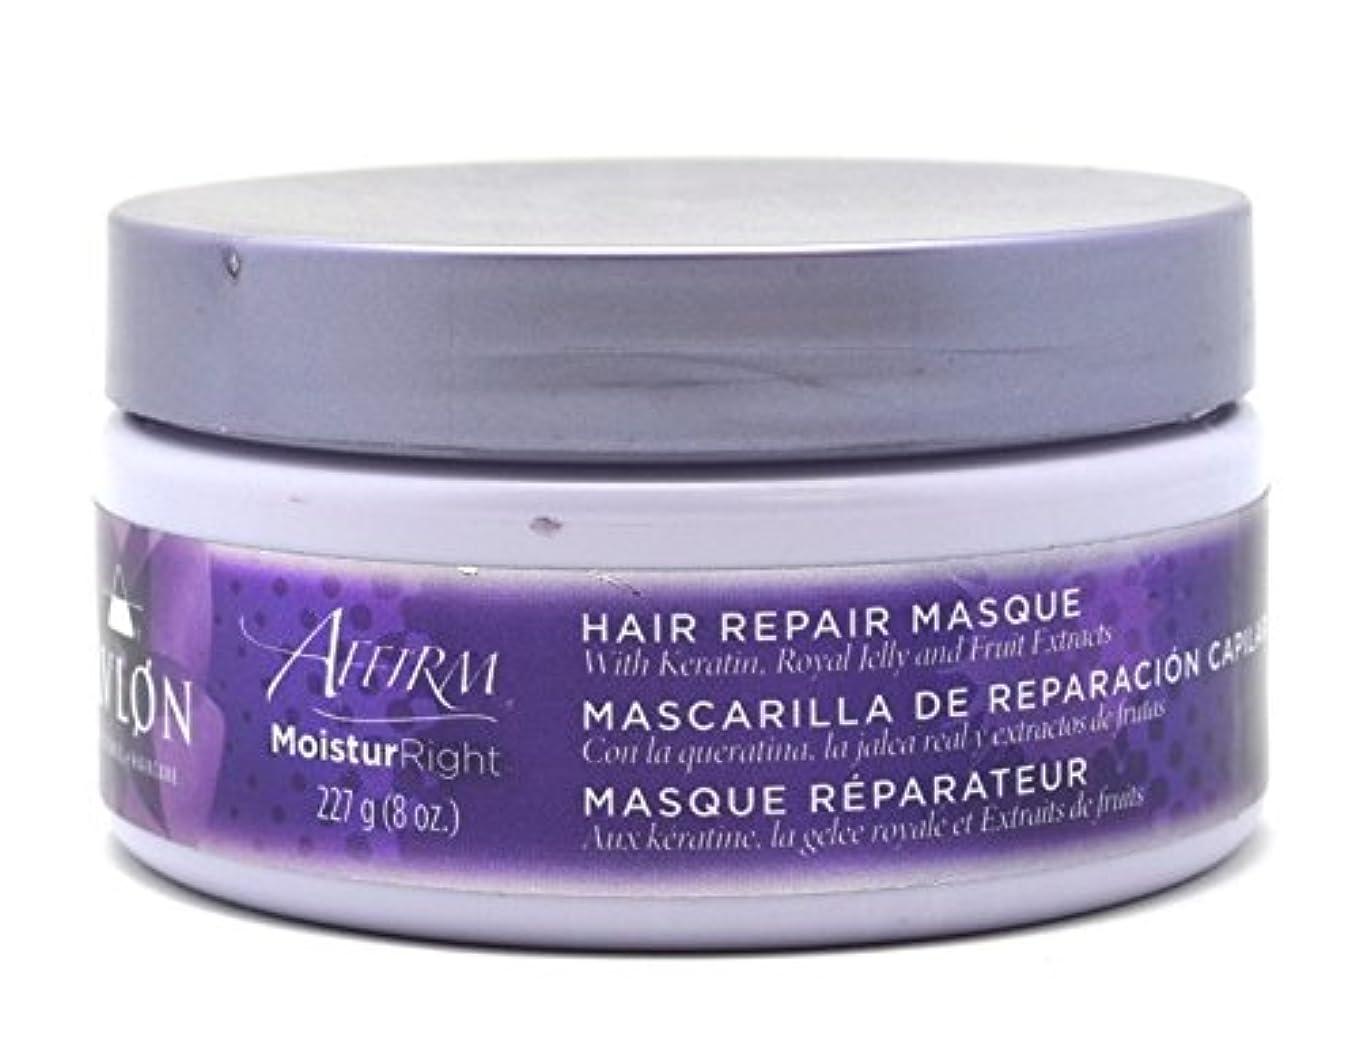 議論する反逆者ビバAvlon Hair Care moistur右の髪仮面を修復 - 8オンス